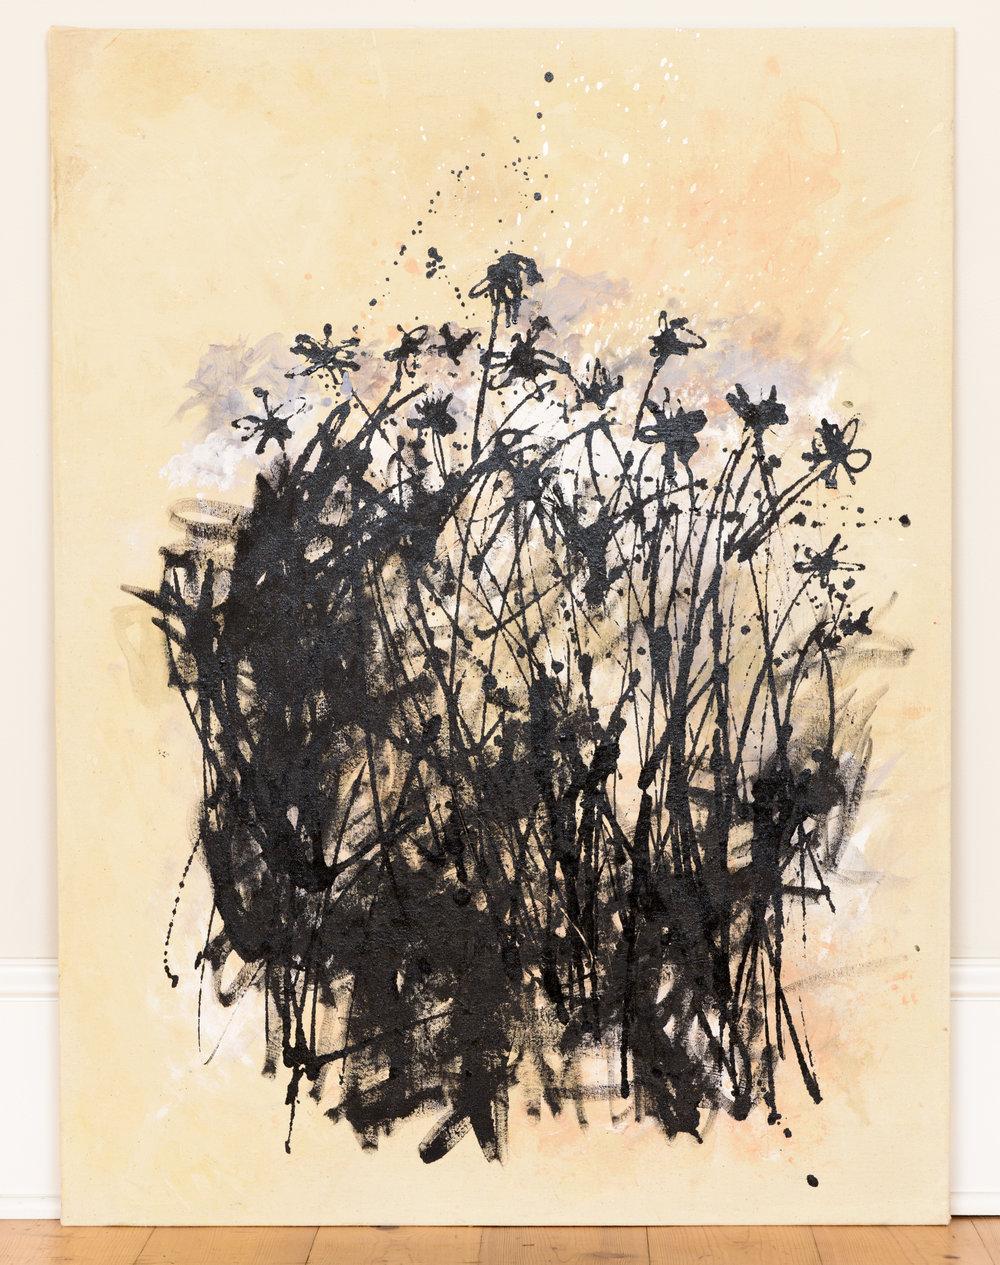 Toxic Flowers 2, 2006